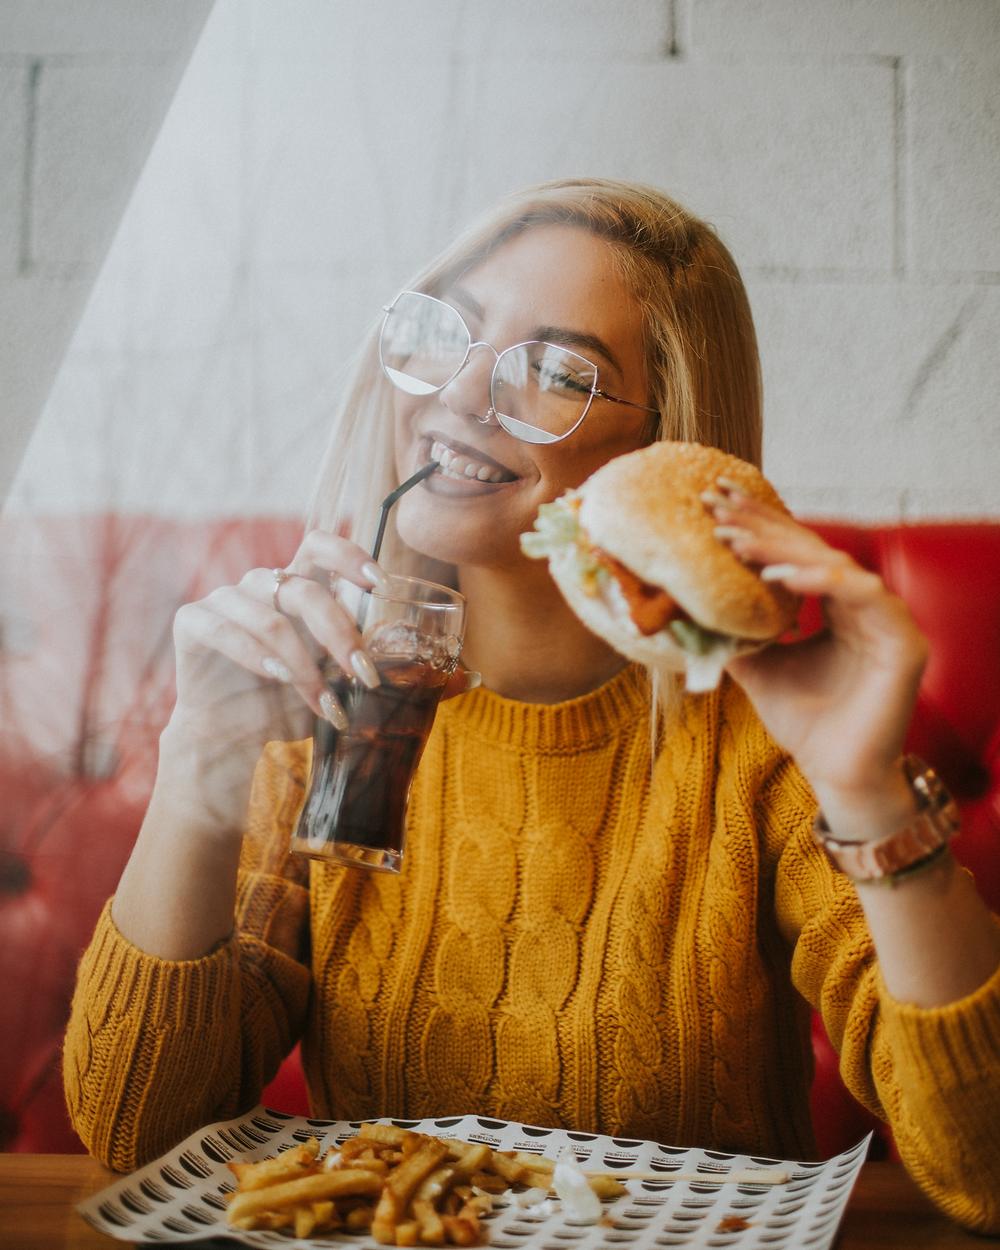 Teenager eating a high iron hamburger